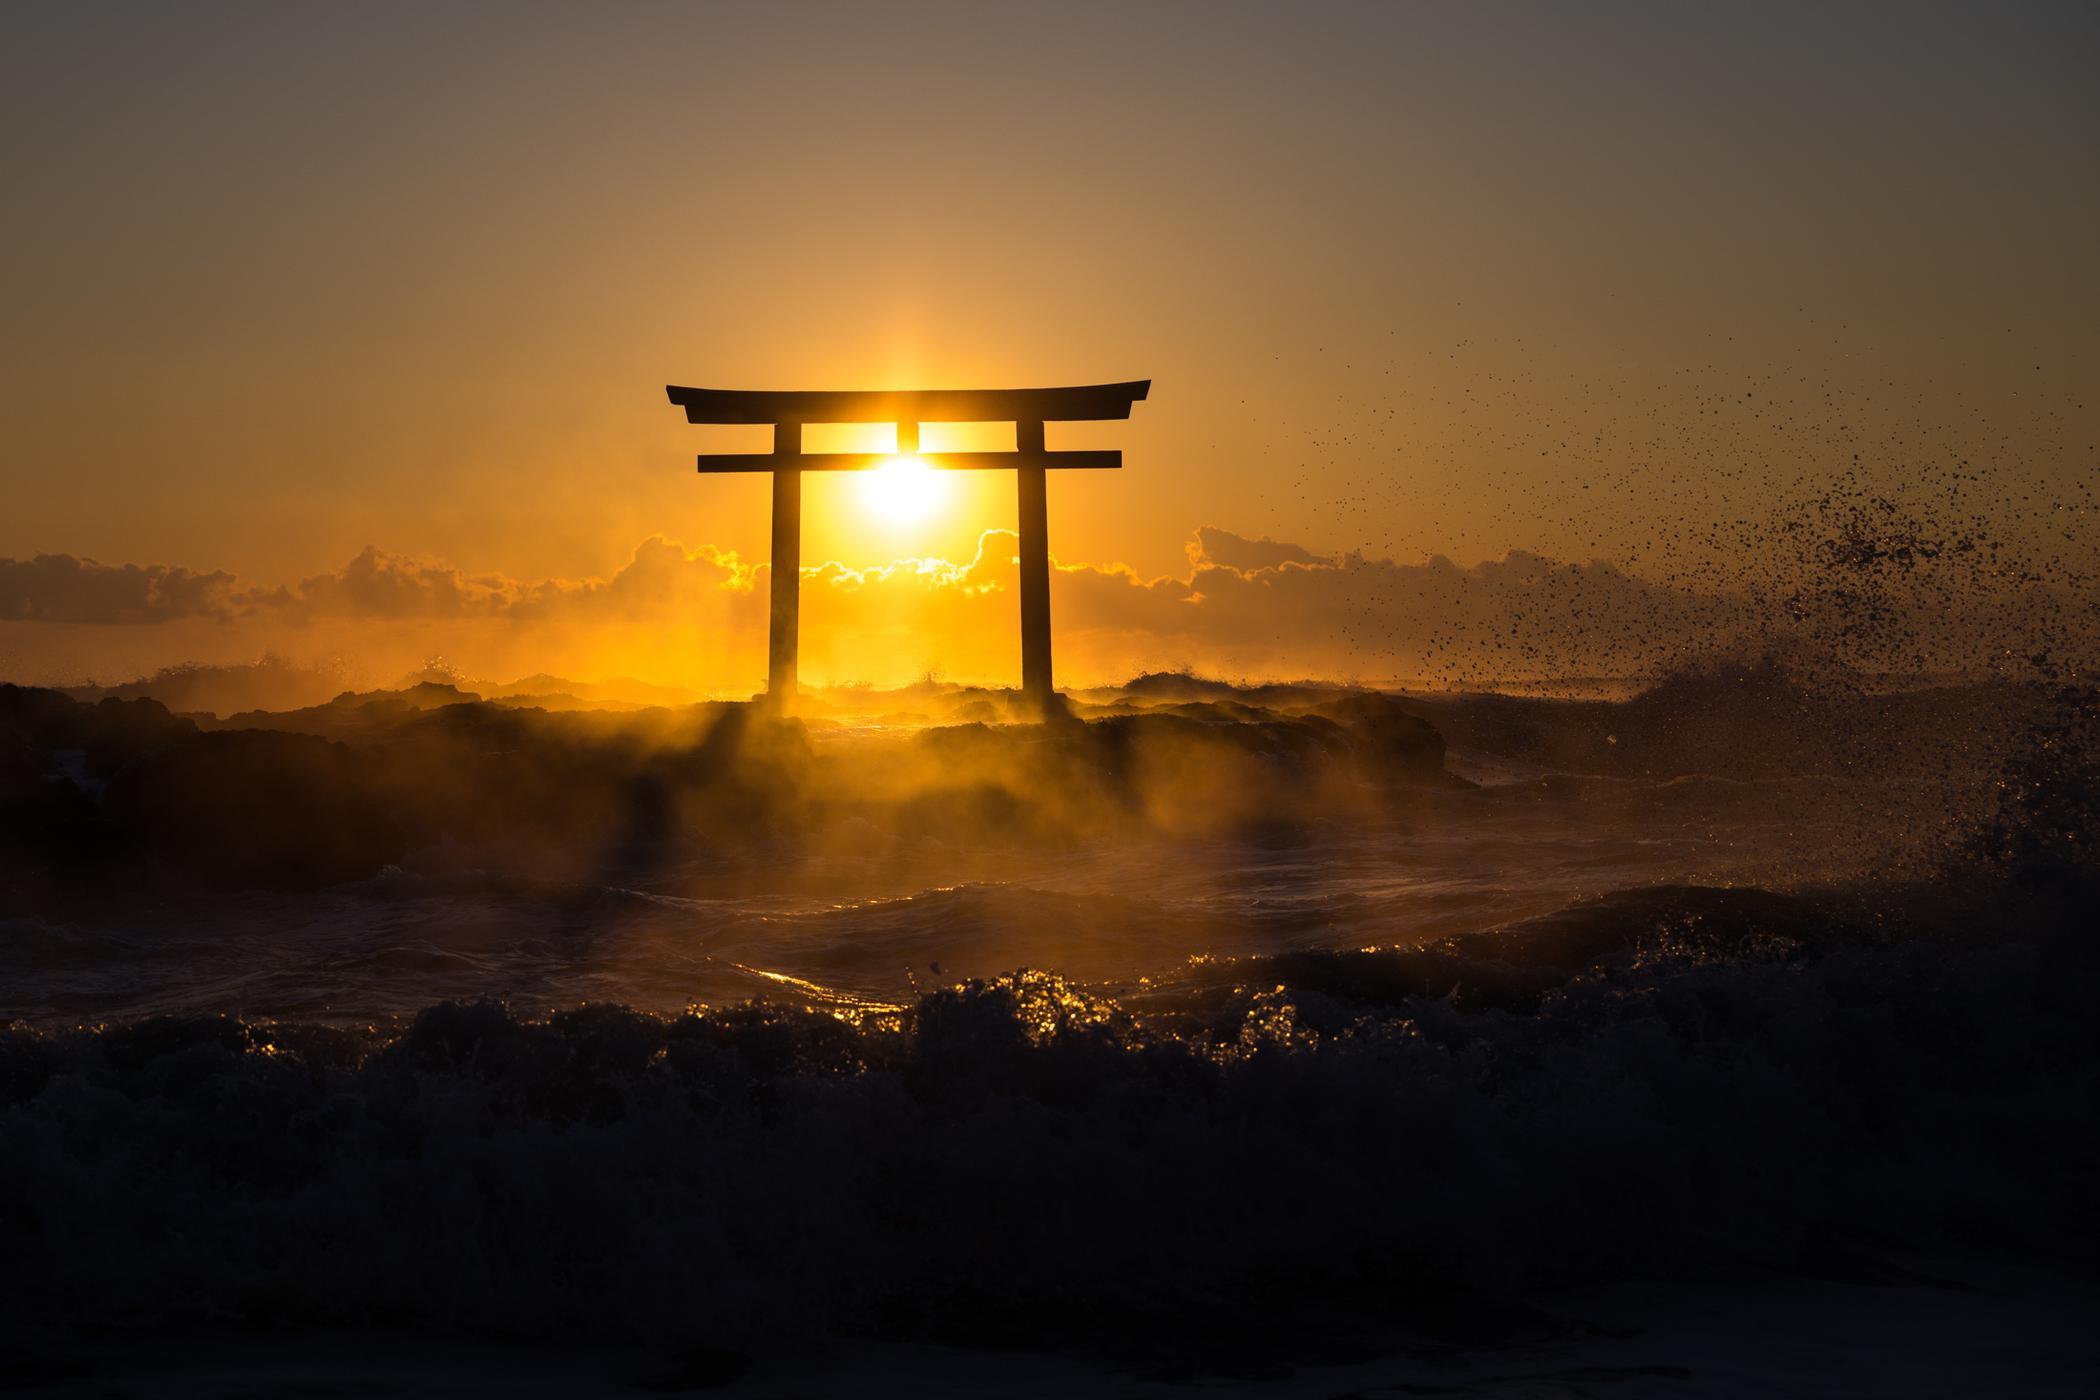 ibaraki, japan, japanese, kanto, natural, nature, ocean, religion, religious, sea, shinto, spiritual, sunrise, thing, tori